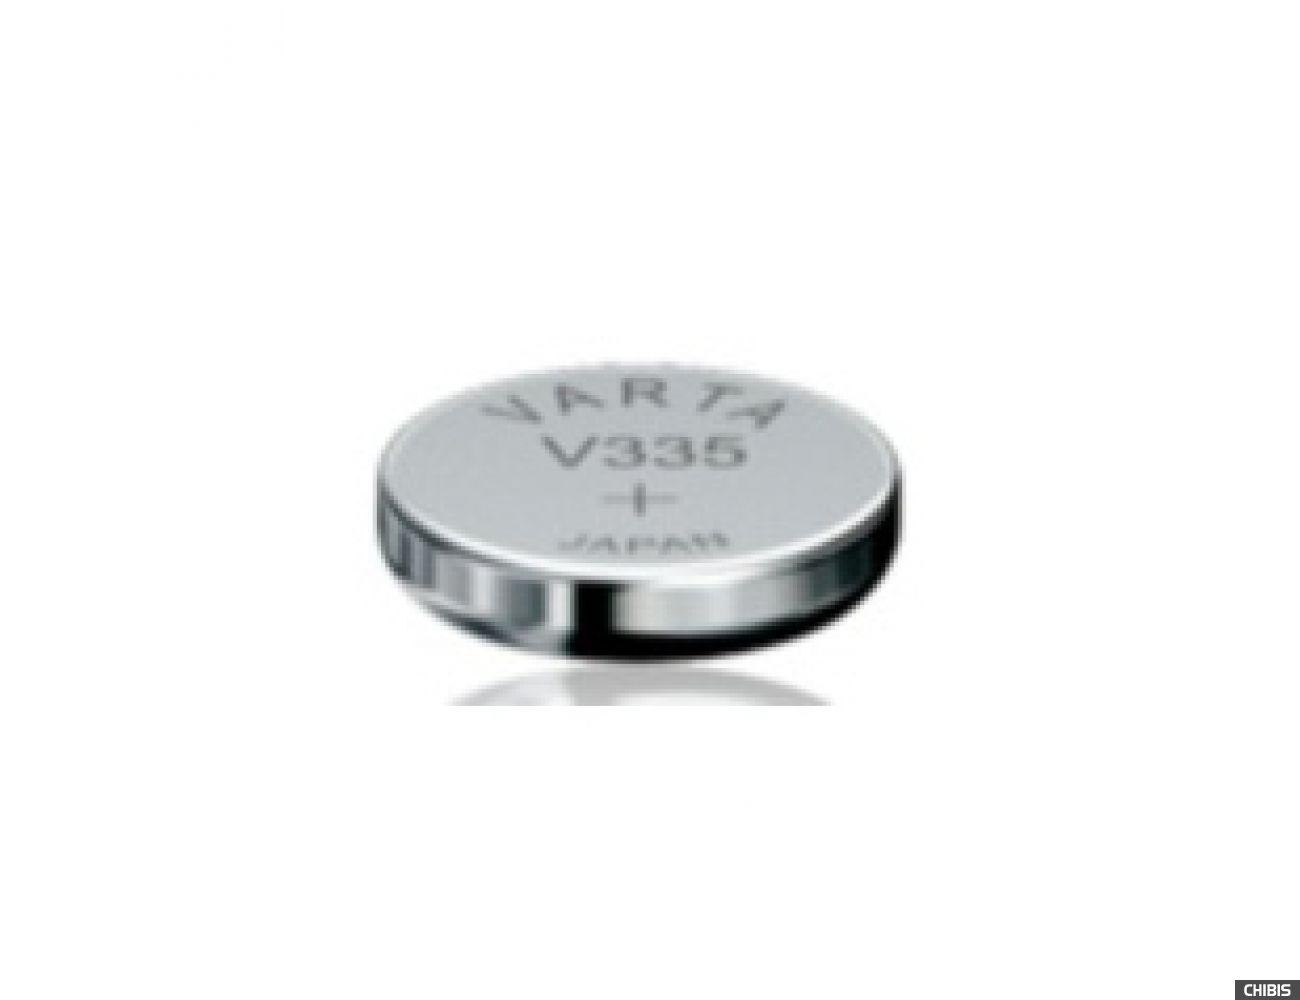 Батарейка Varta V335 (5 mAh, 1,55 V) 335101111